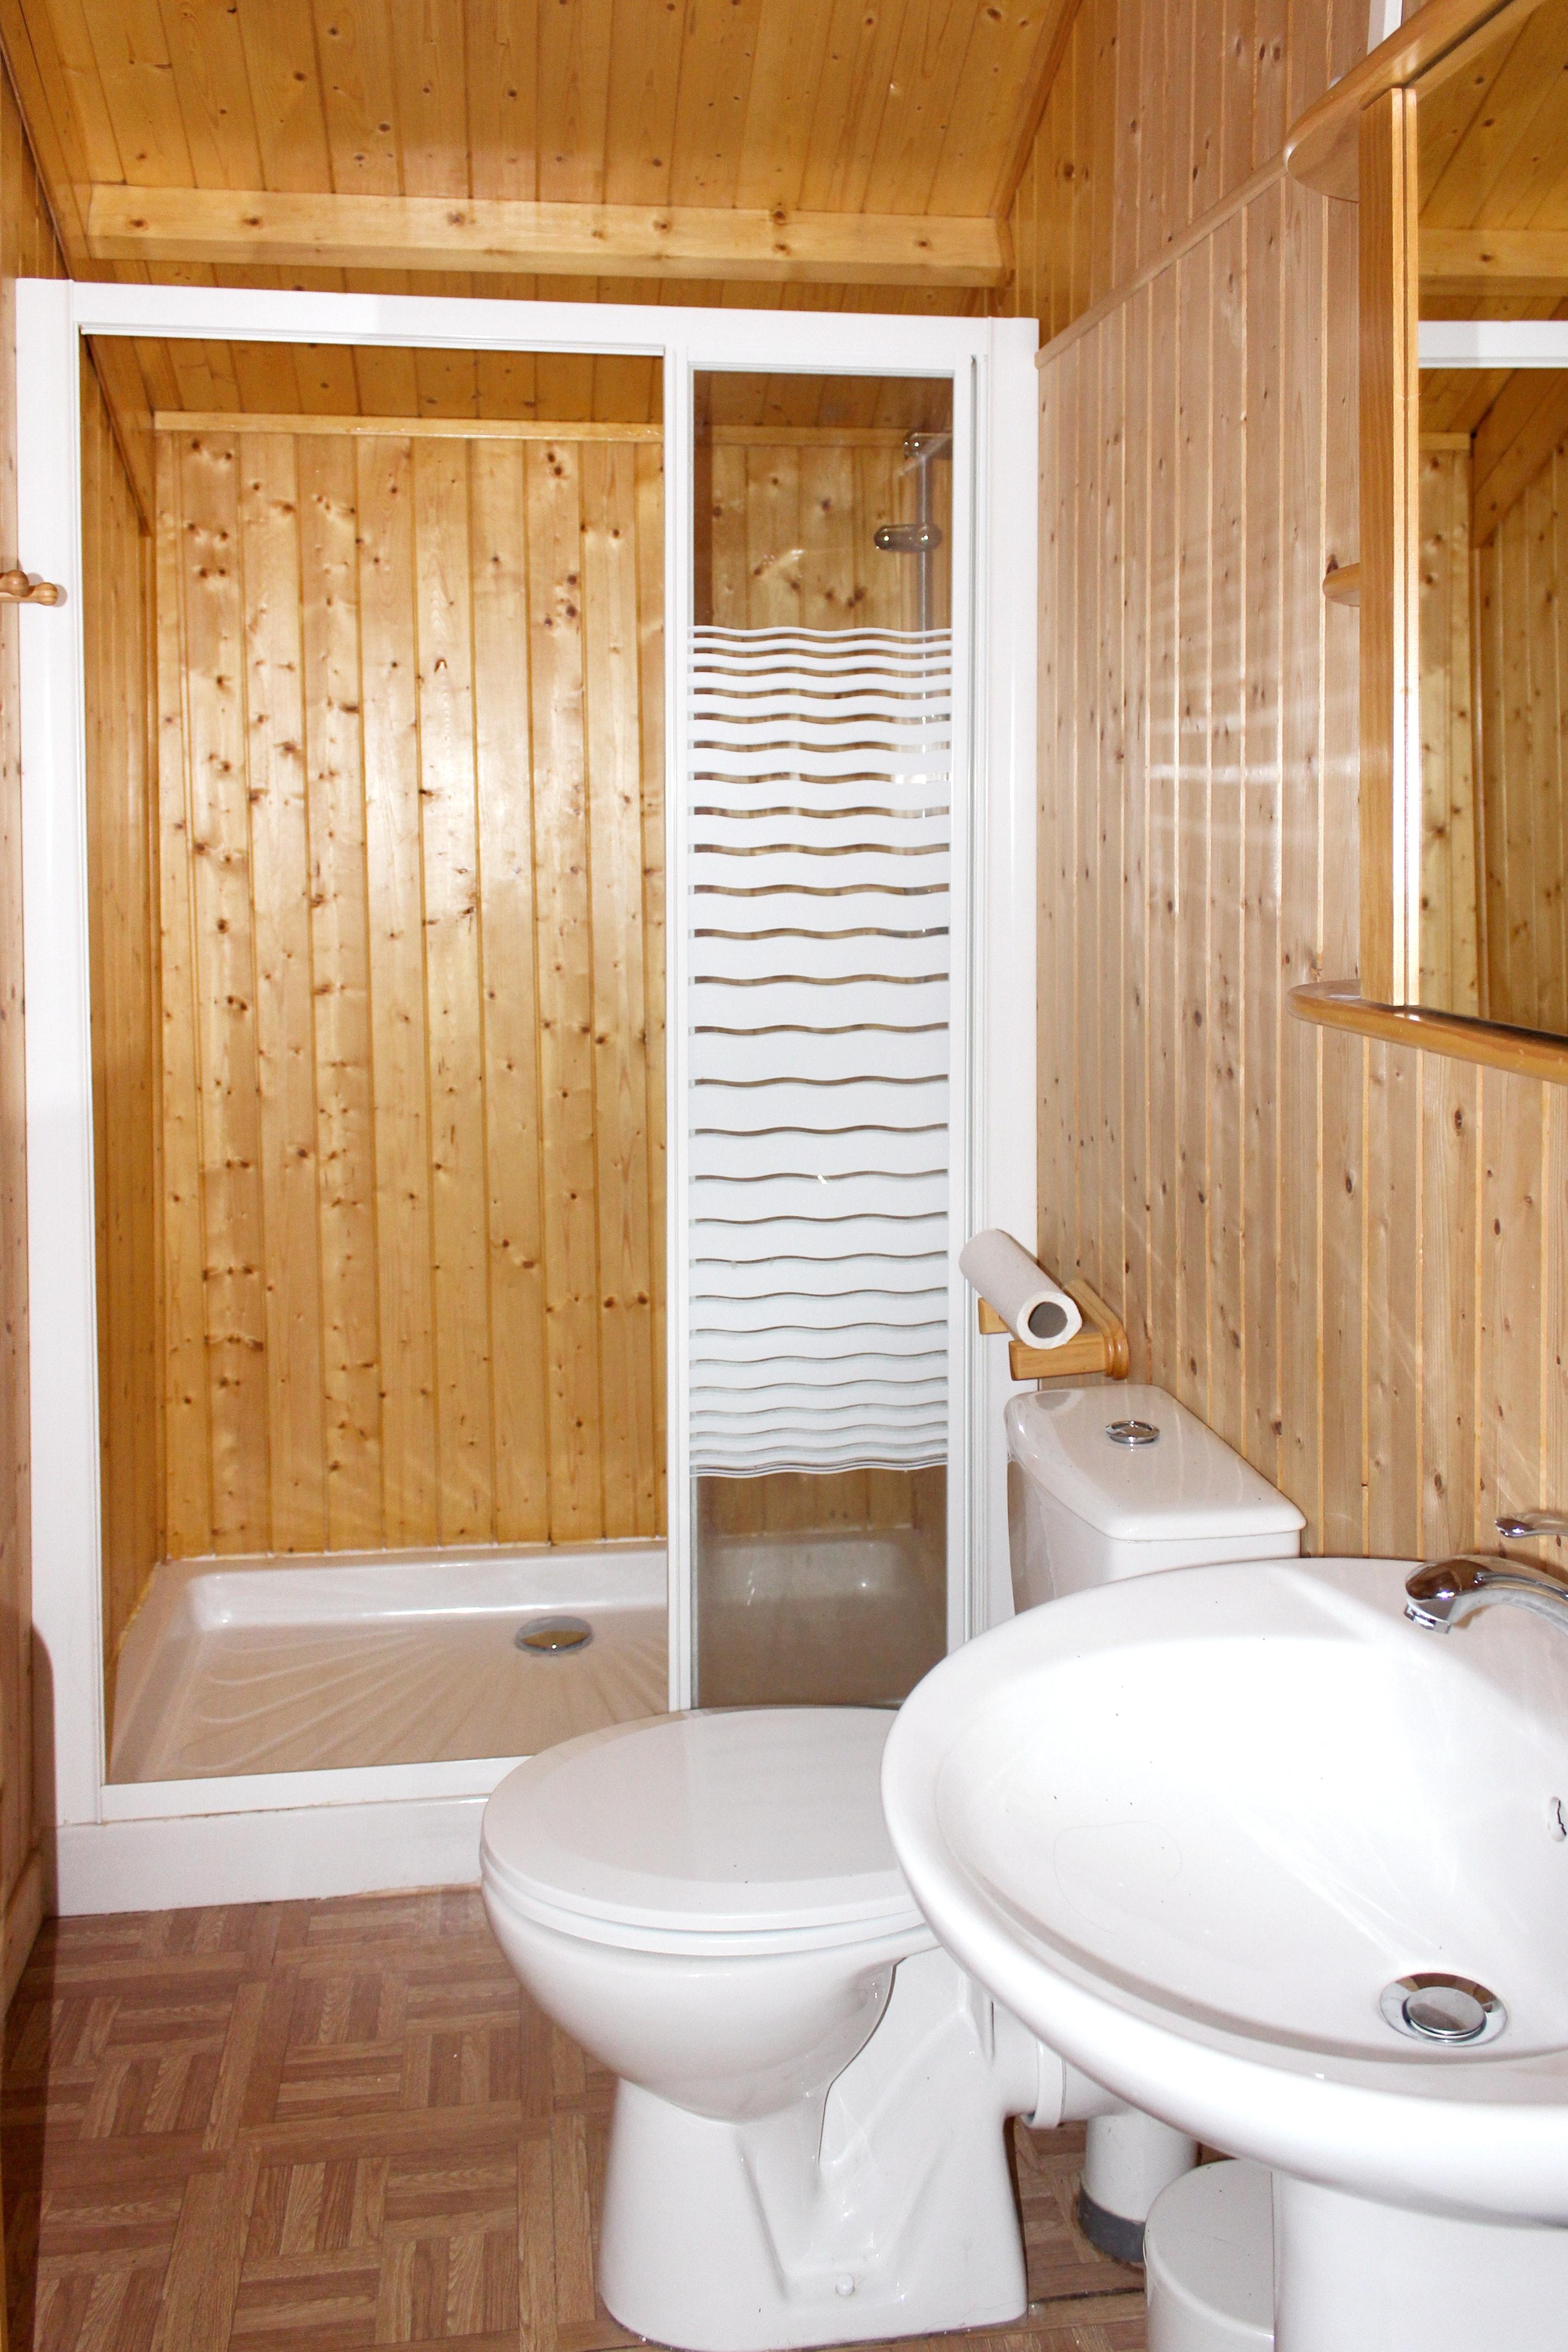 Ferienhaus Villa mit 5 Schlafzimmern in La Croix-Valmer mit privatem Pool, eingezäuntem Garten und W- (2201685), La Croix Valmer, Côte d'Azur, Provence - Alpen - Côte d'Azur, Frankreich, Bild 25